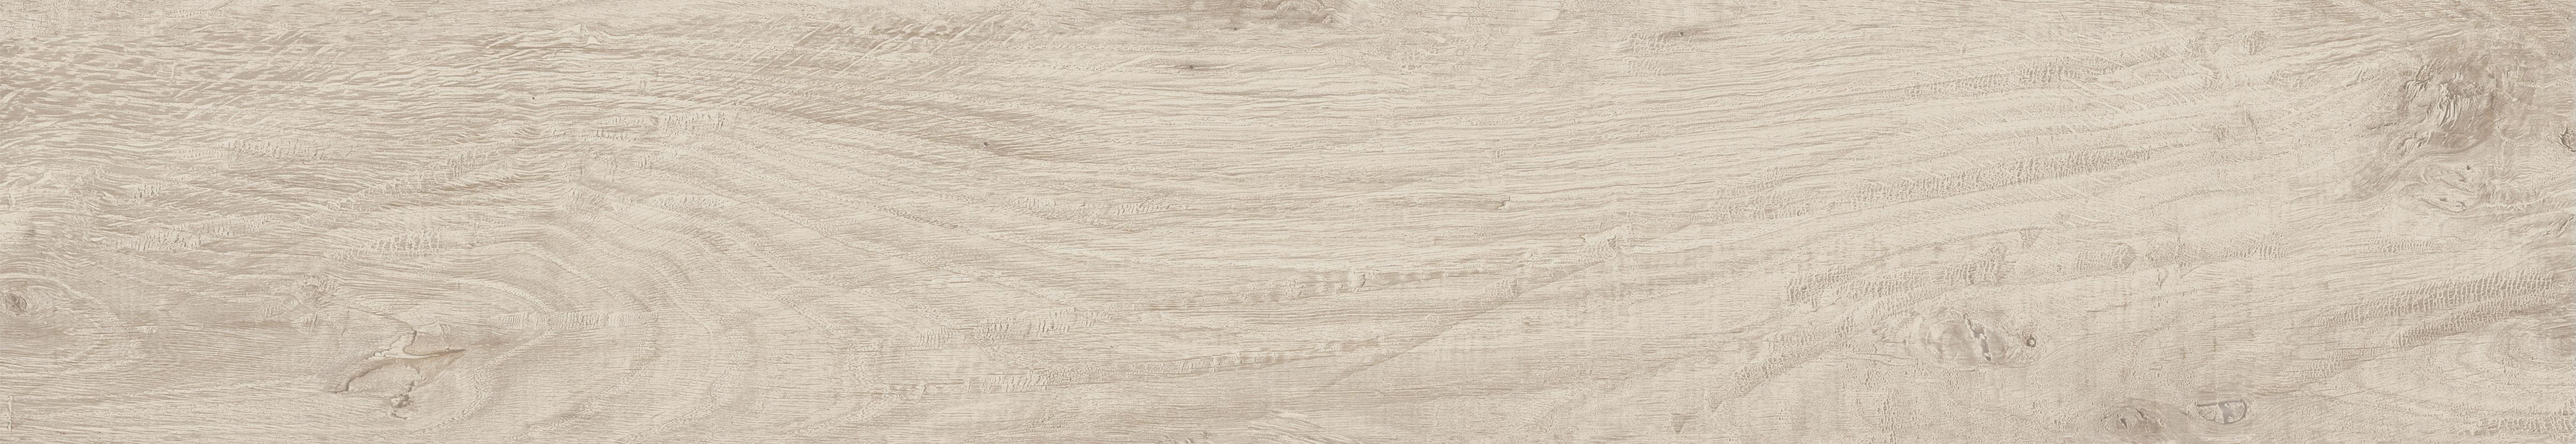 Плитка Allwood Bianco (zzxwu1r) изображение 11